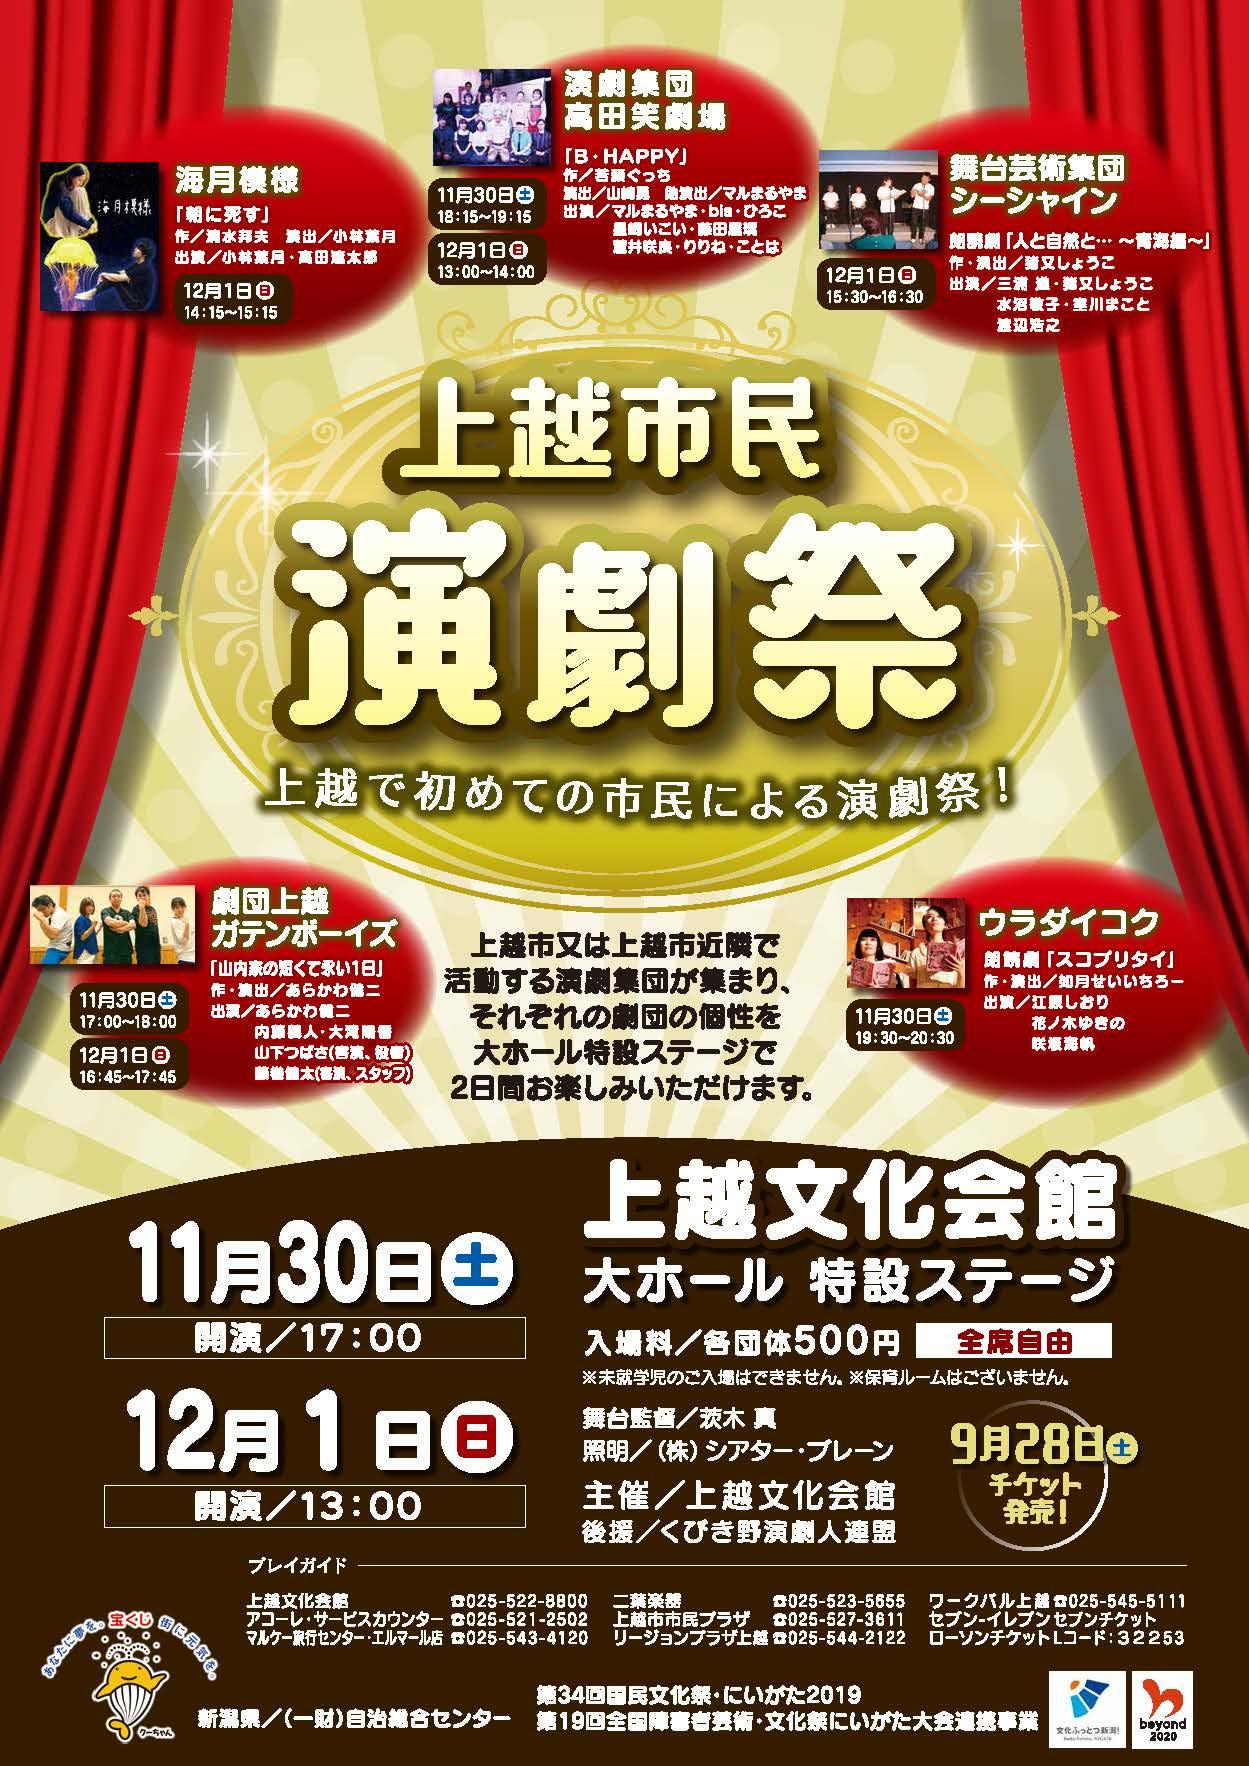 上越市民演劇祭チラシ